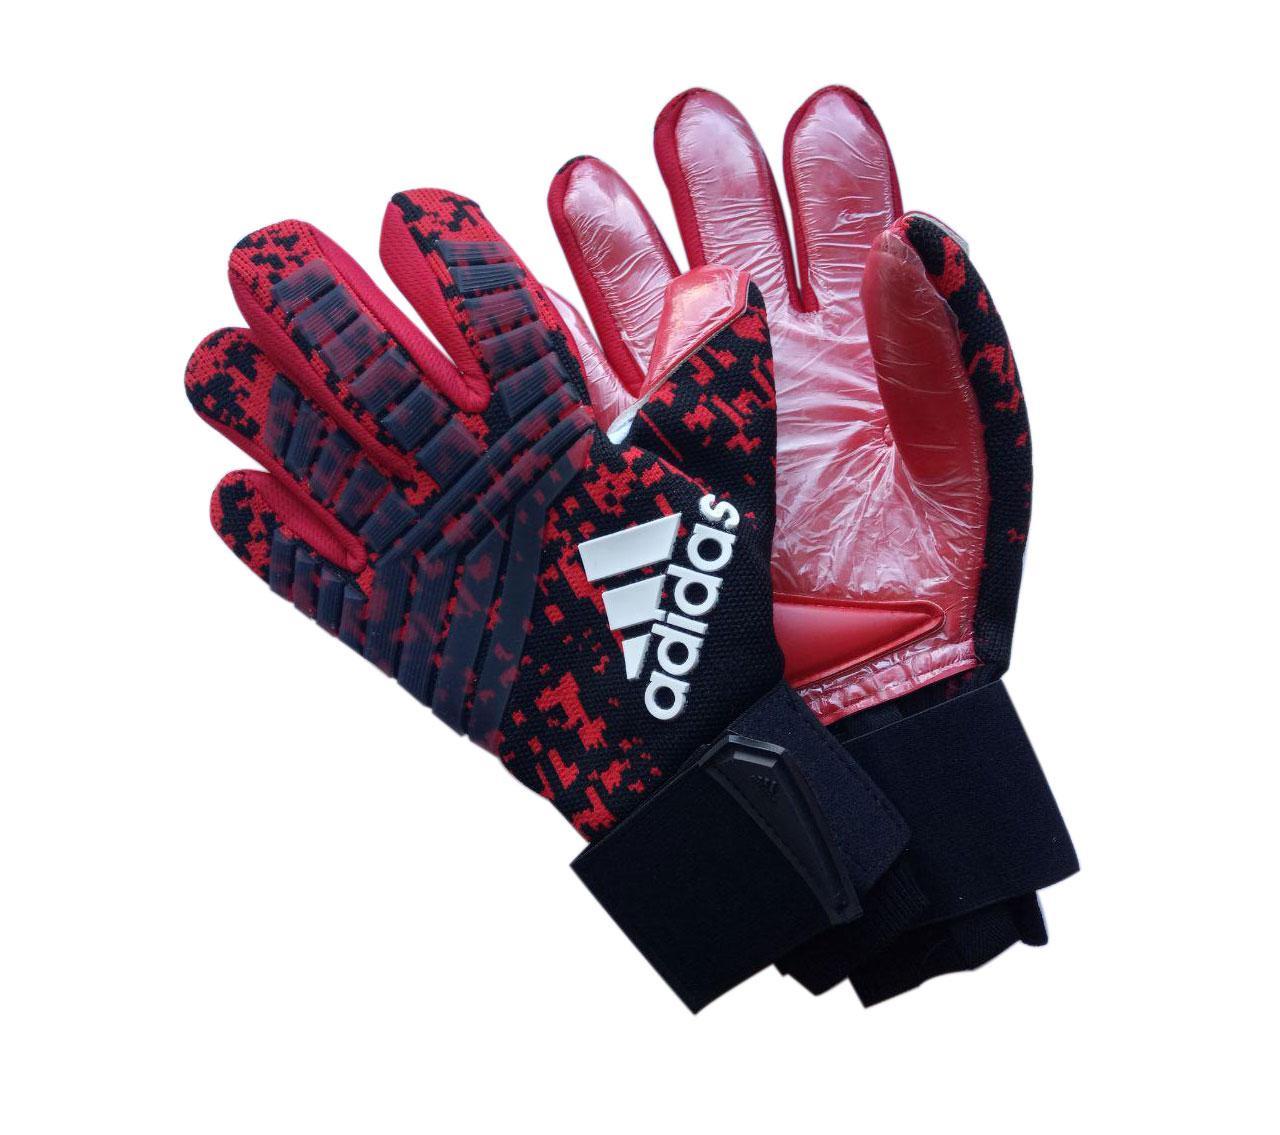 Вратарские перчатки Adidas pro 120 красно-черные